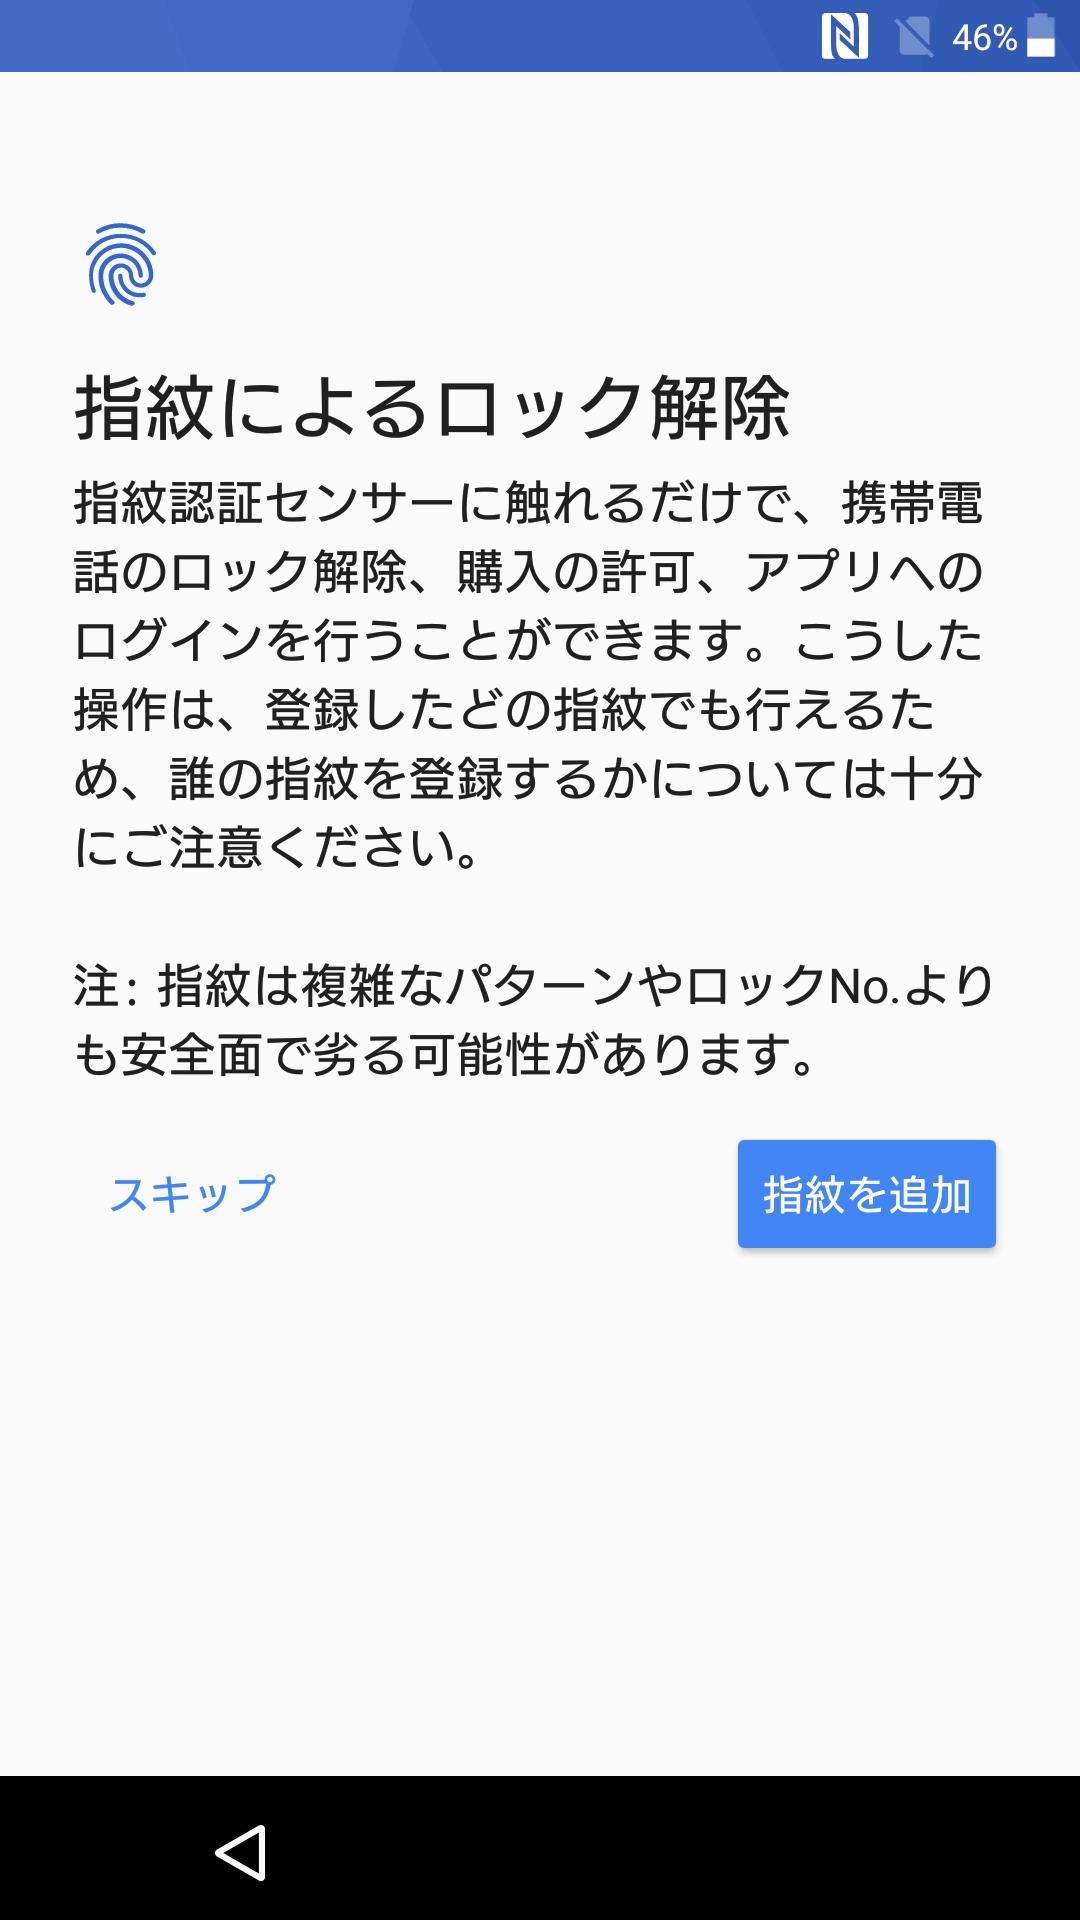 【初期設定編】これだけはやっておきたい『Xperia XZs』の初期設定はコレ♪